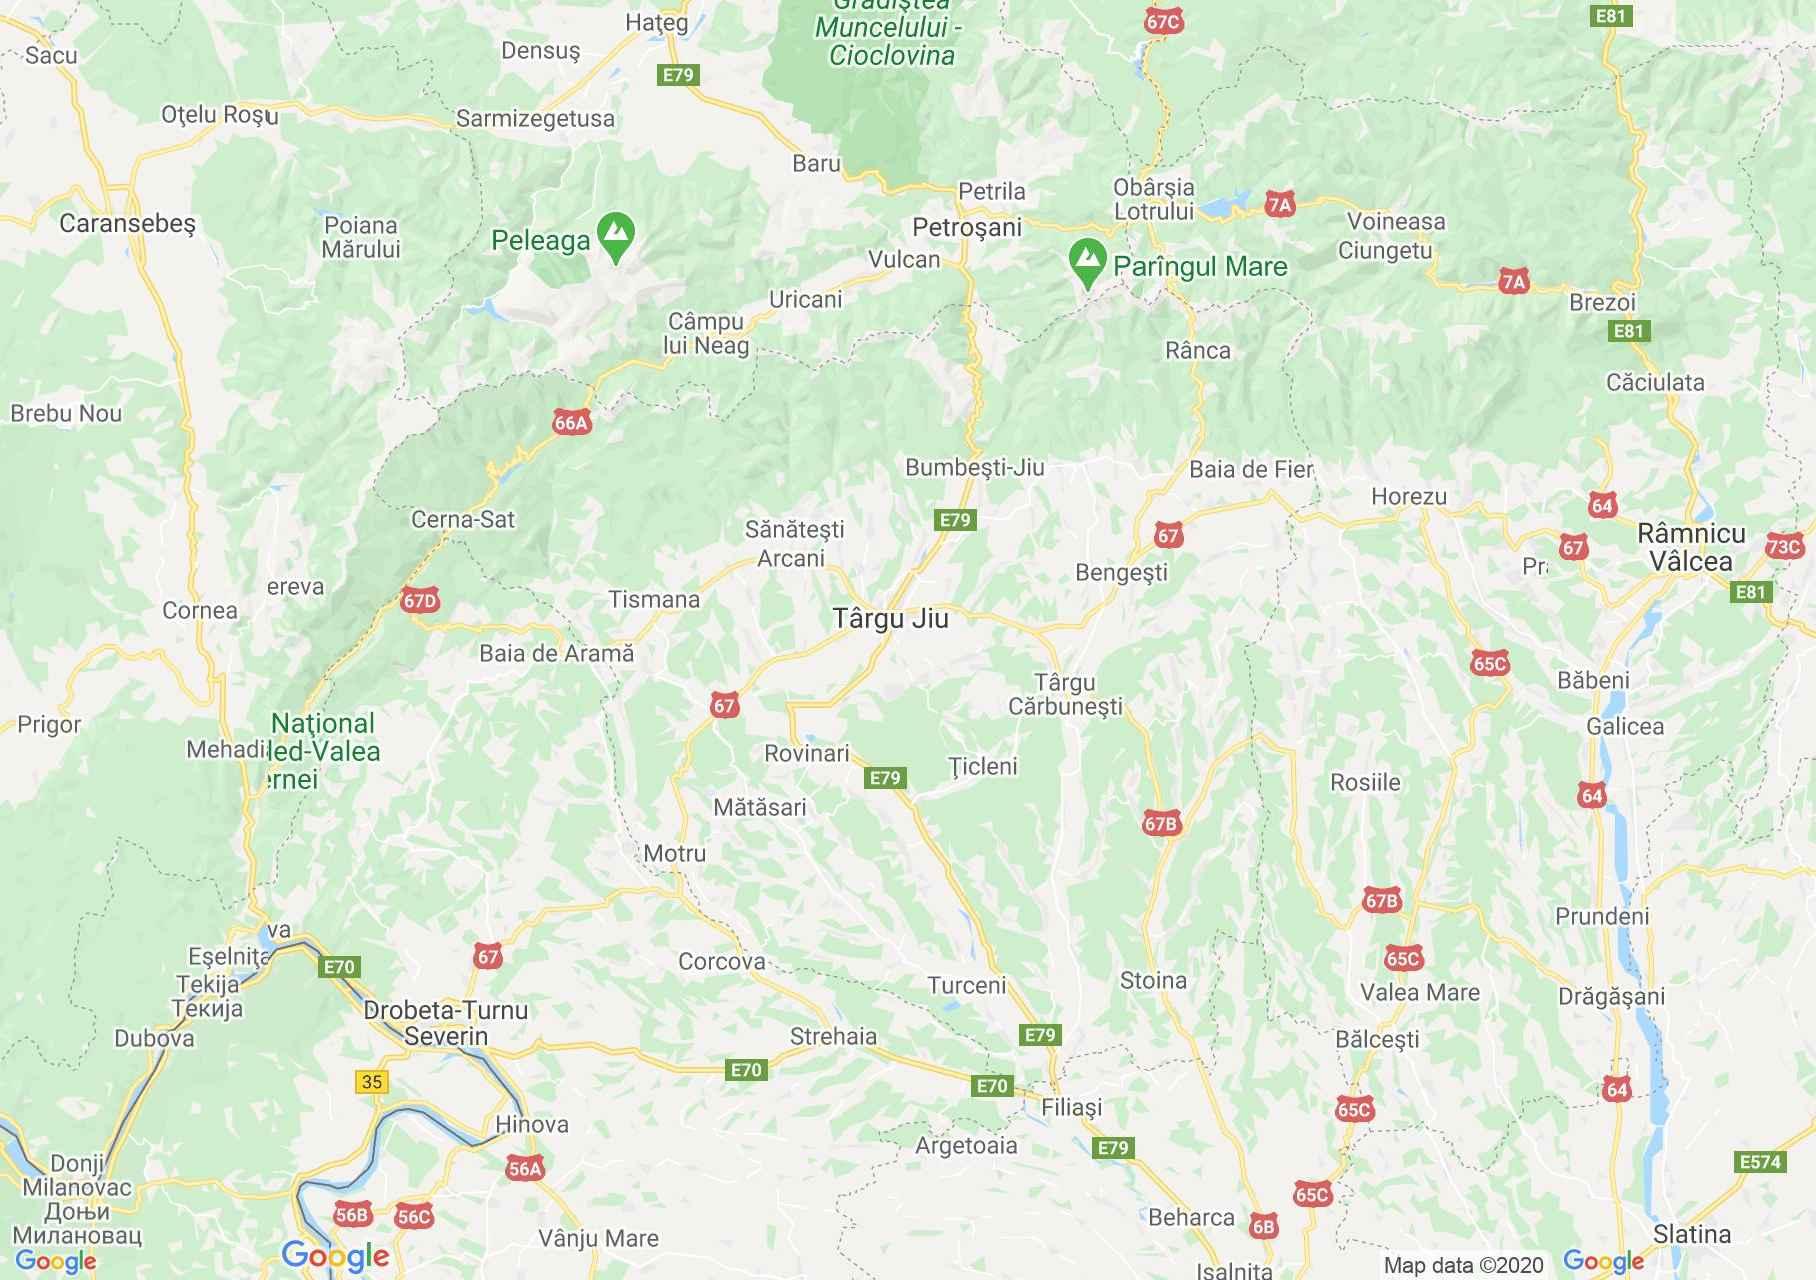 Judeţul Gorj: (Târgu Jiu), Harta turistică interactivă